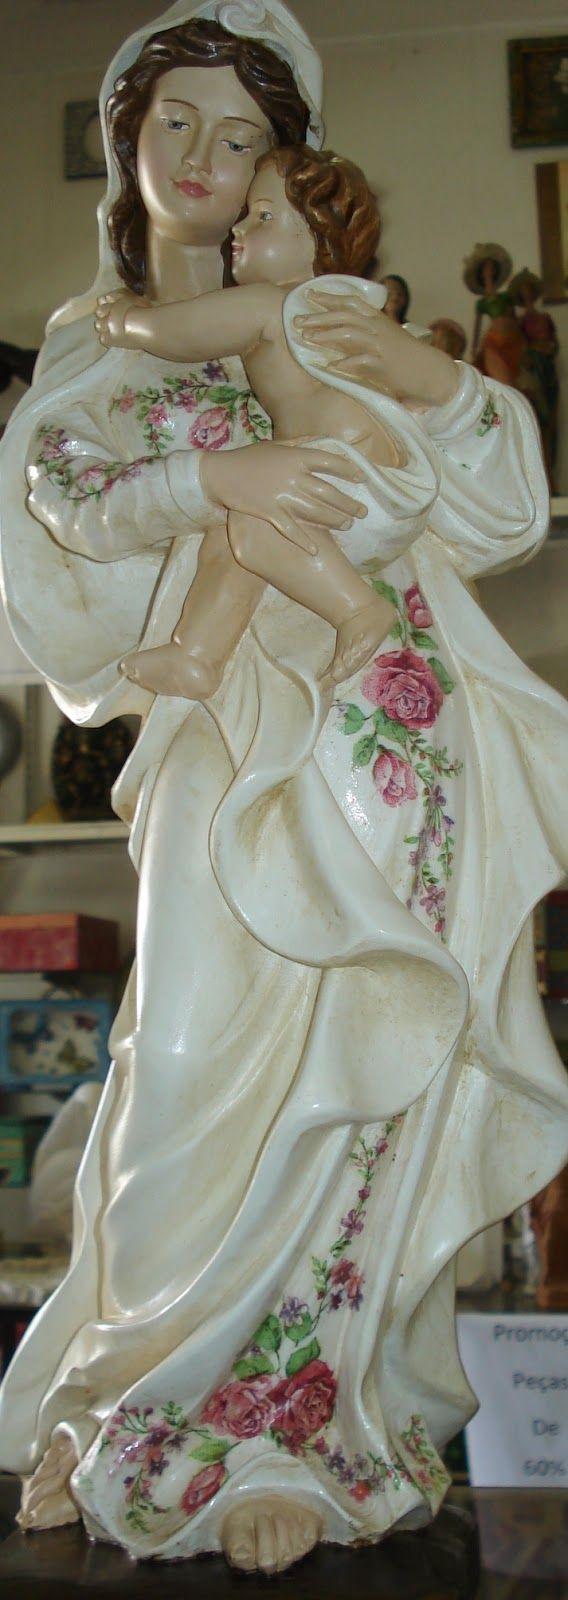 Arte por Fernanda Orsi: Peças Decorativas com Estamparia (Decoupage)